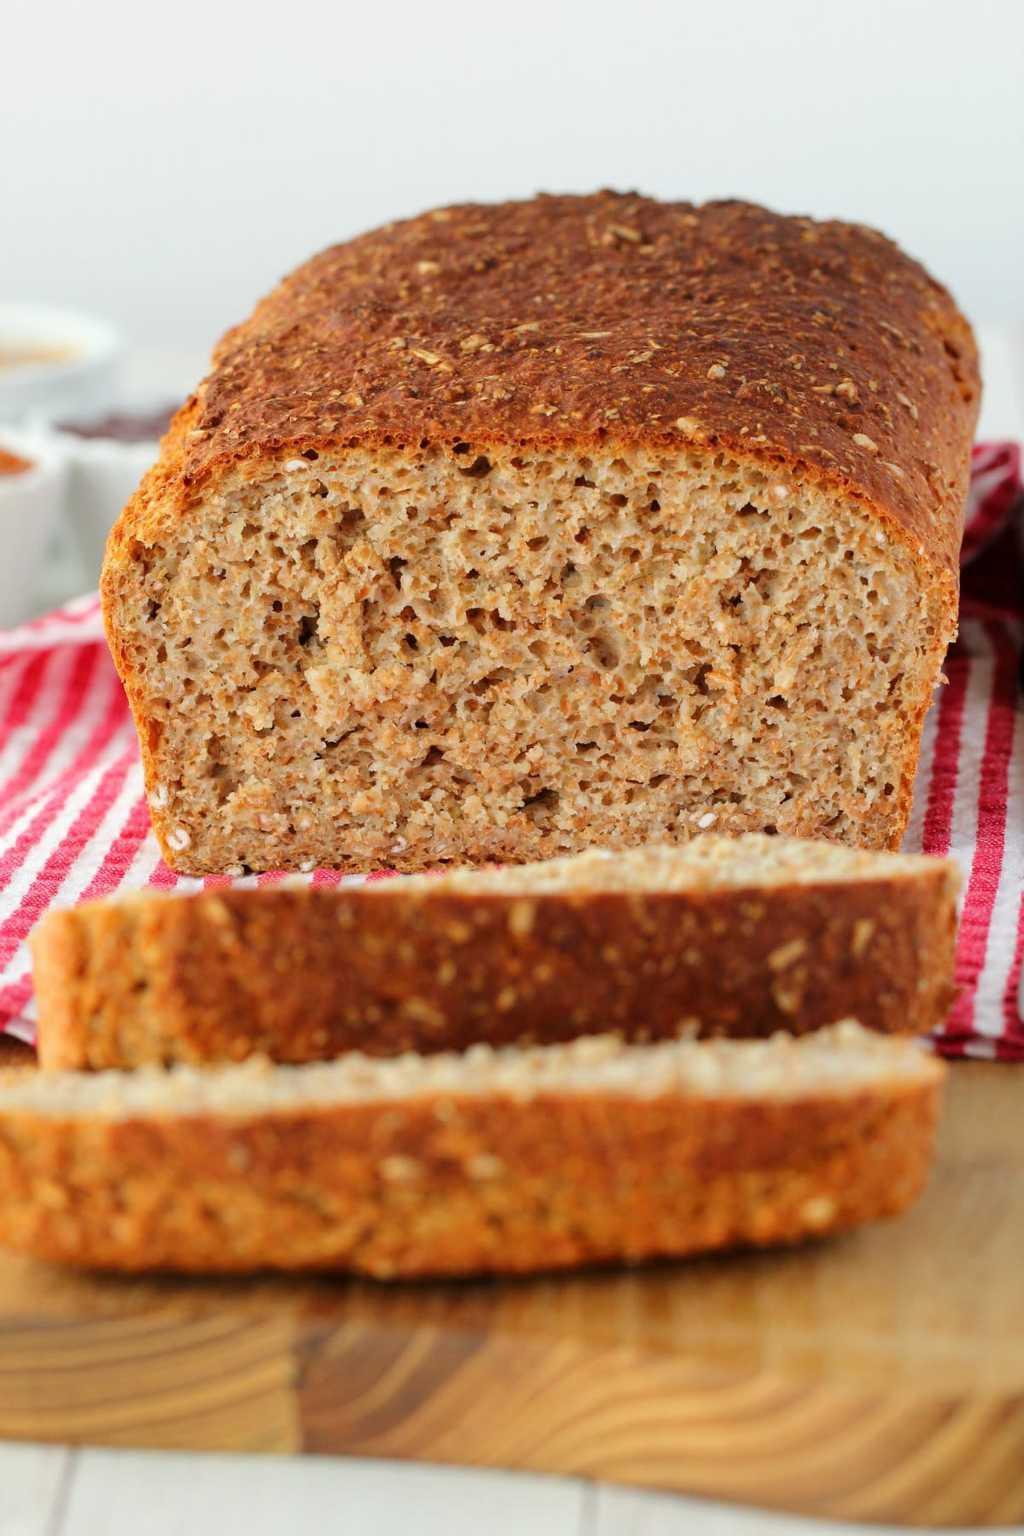 Easy No-Fail Whole Wheat Bread | SuzieQ1947 | Copy Me That